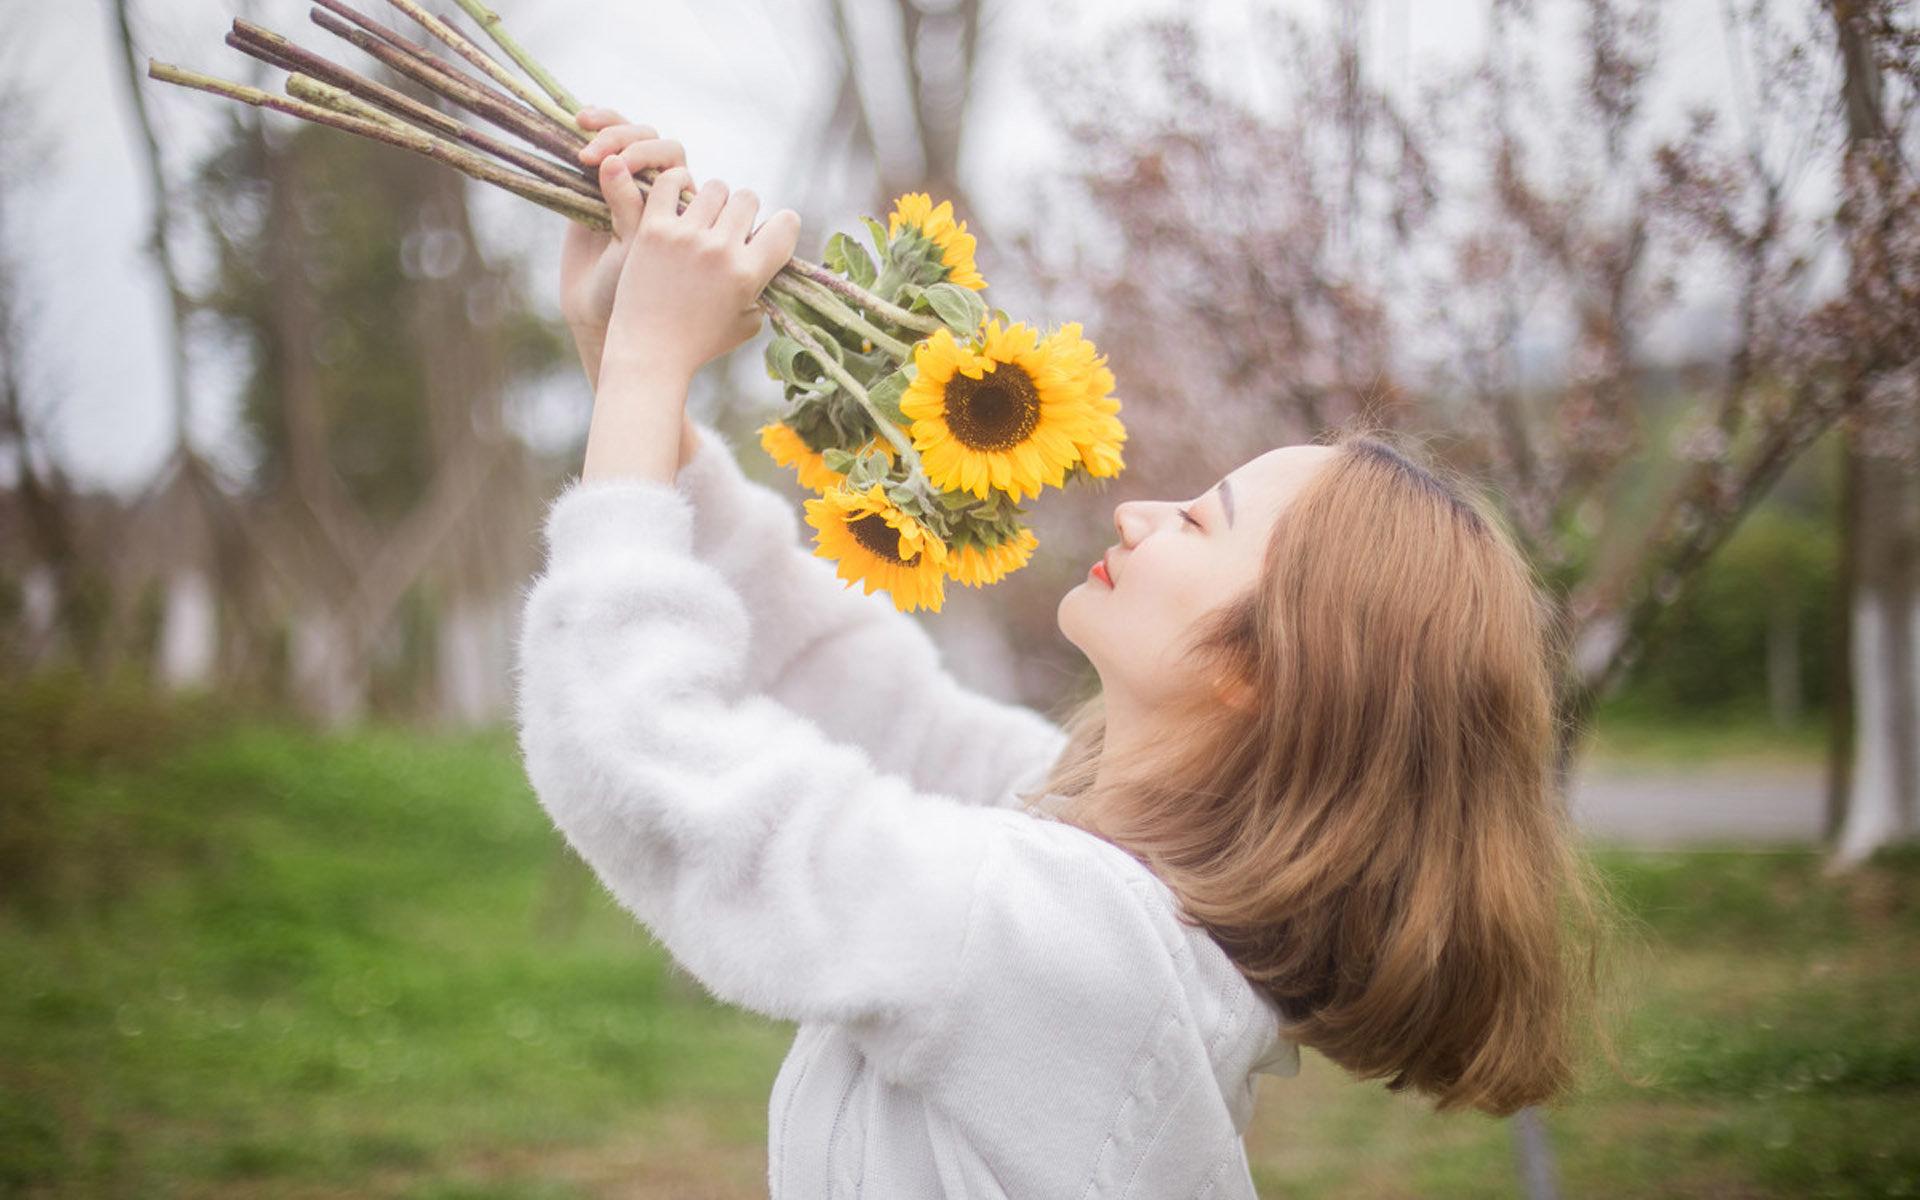 对爱情失望无奈的伤感语录心酸说说:真正喜欢上了,便不留余地